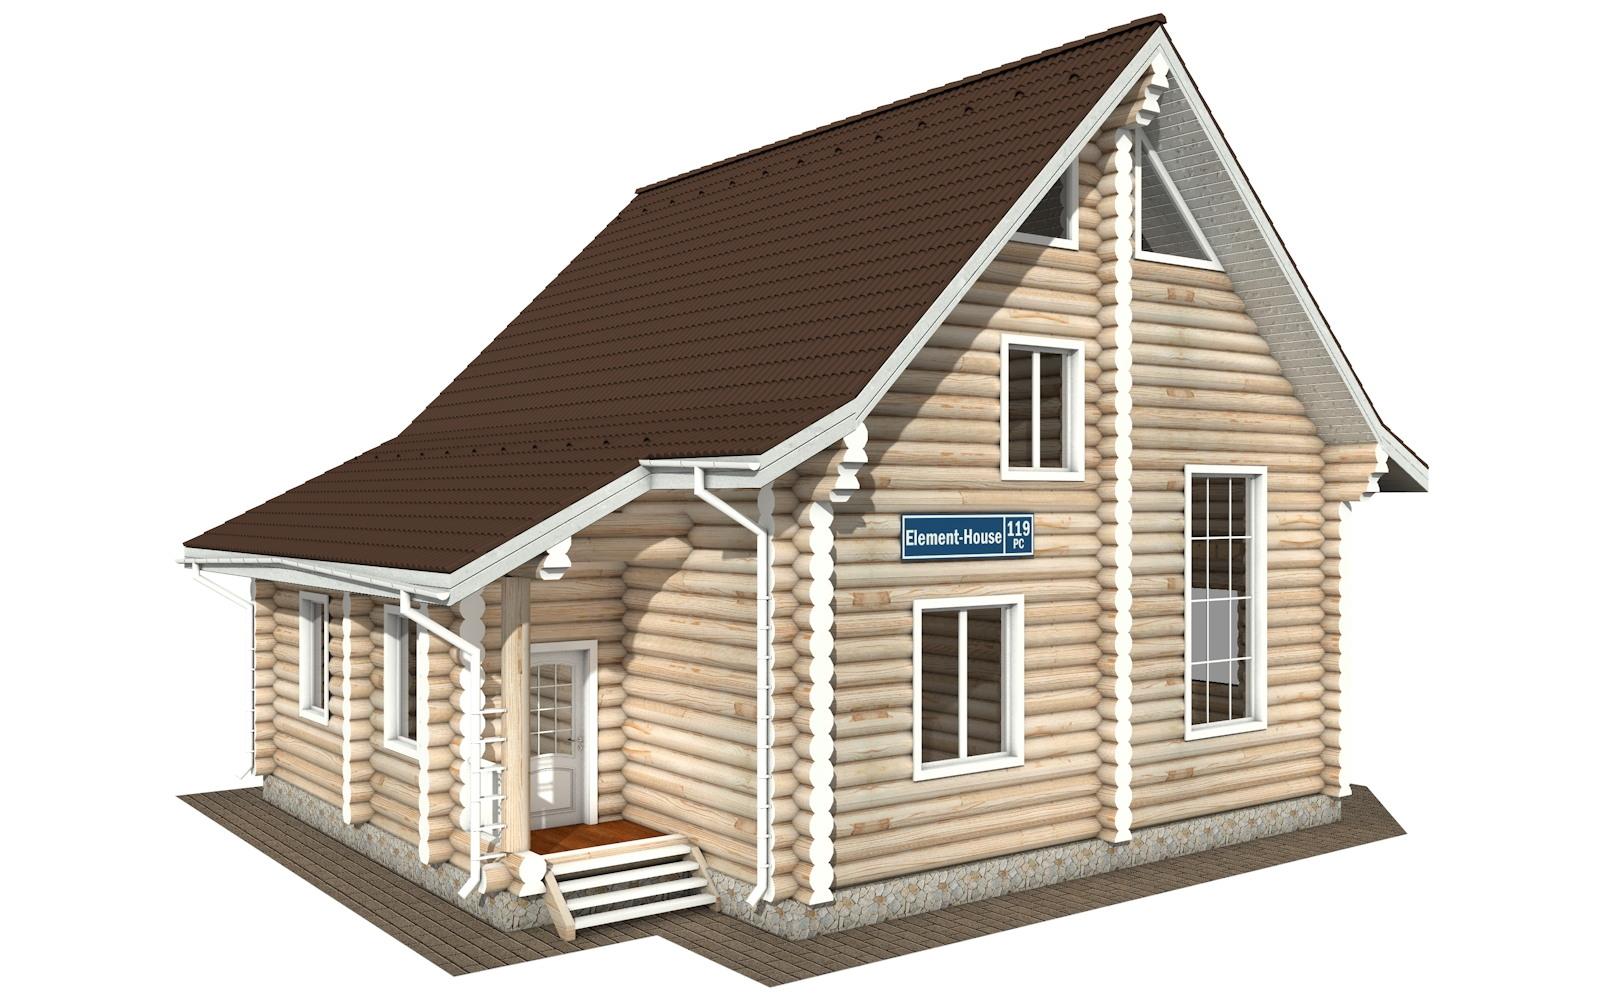 РС-119 - деревянный дома из бревна (из сруба)